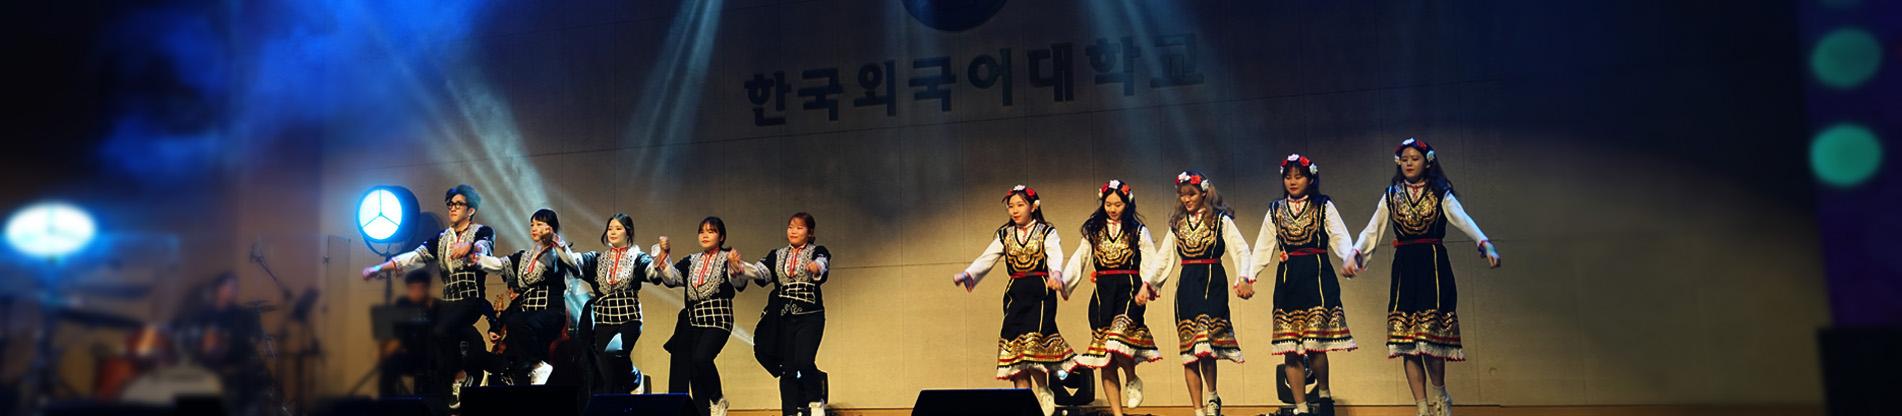 제30회 세계민속문화축전